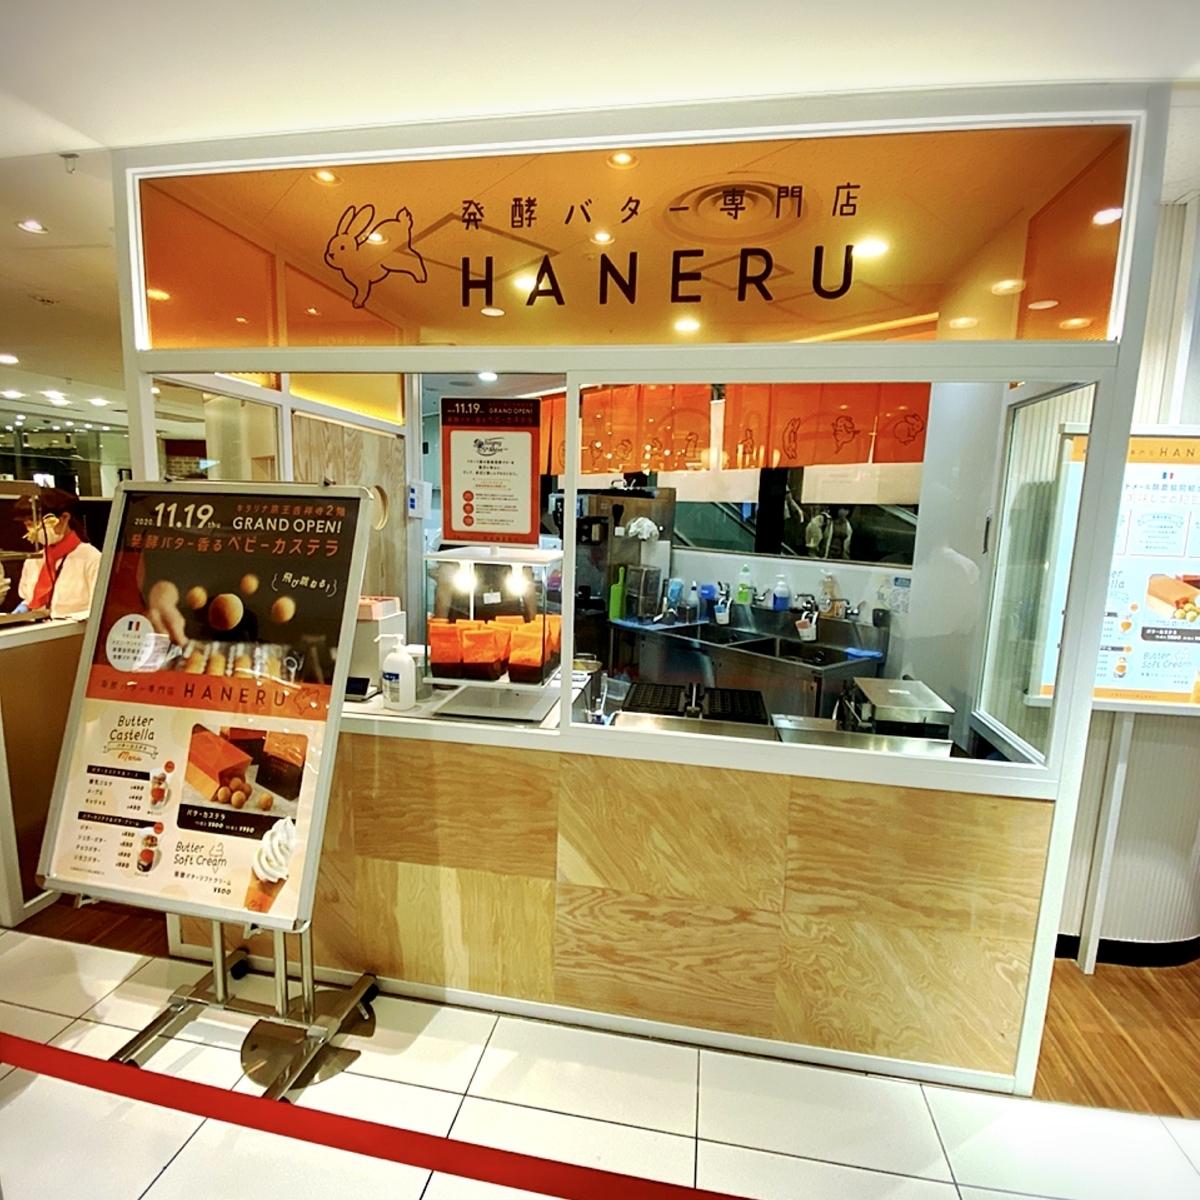 「バターカステラ専門店 HANERU」は食べ歩きや持ち帰りにちょうど良いテイクアウトスイーツでした